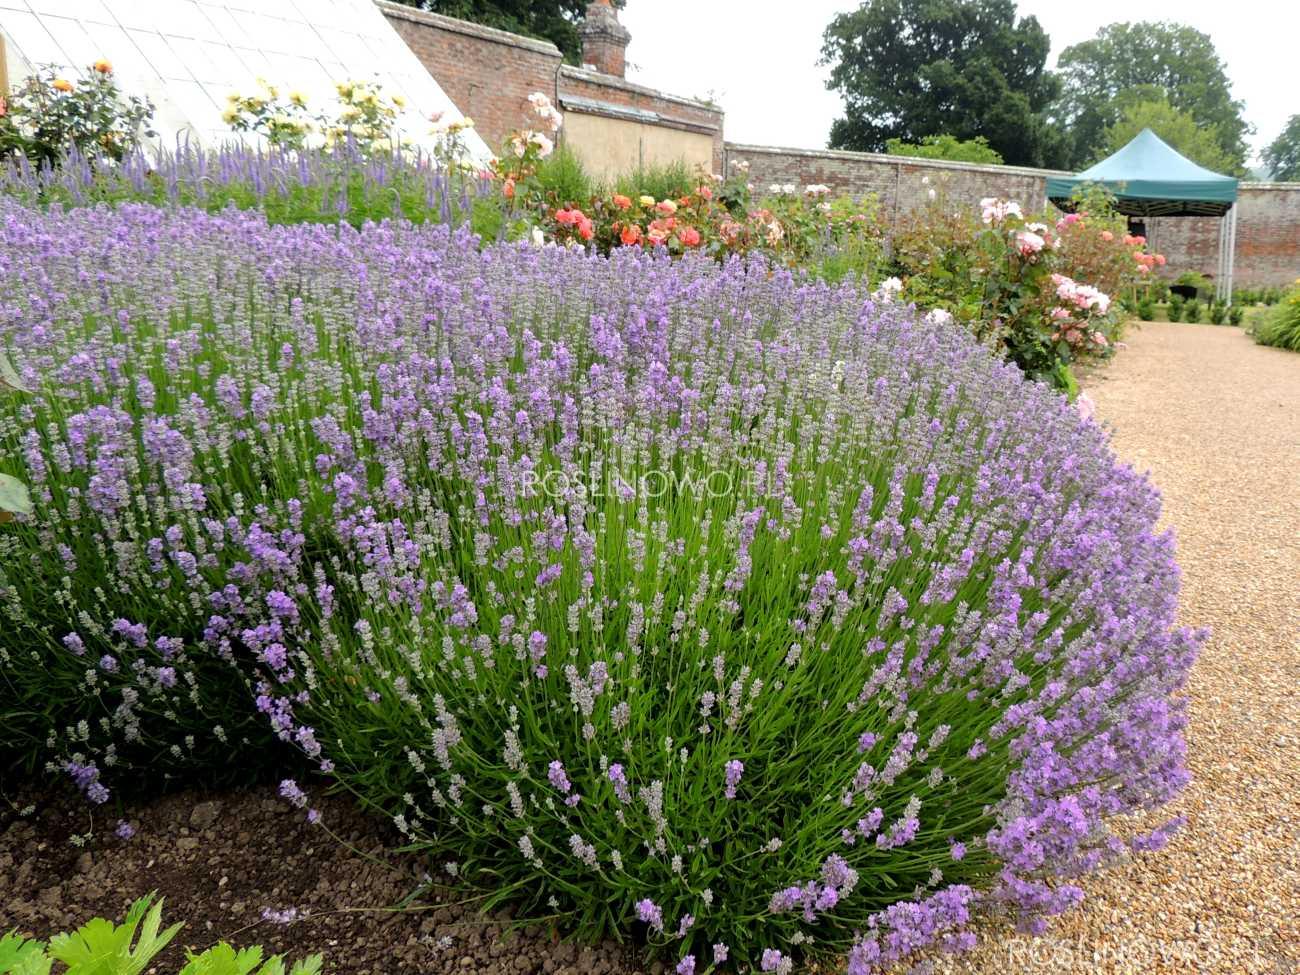 lawenda pośrednia phenomenal pure platinum - wieloletnia bylina ozdobna o pachnących licznych fioletowych kwiatach